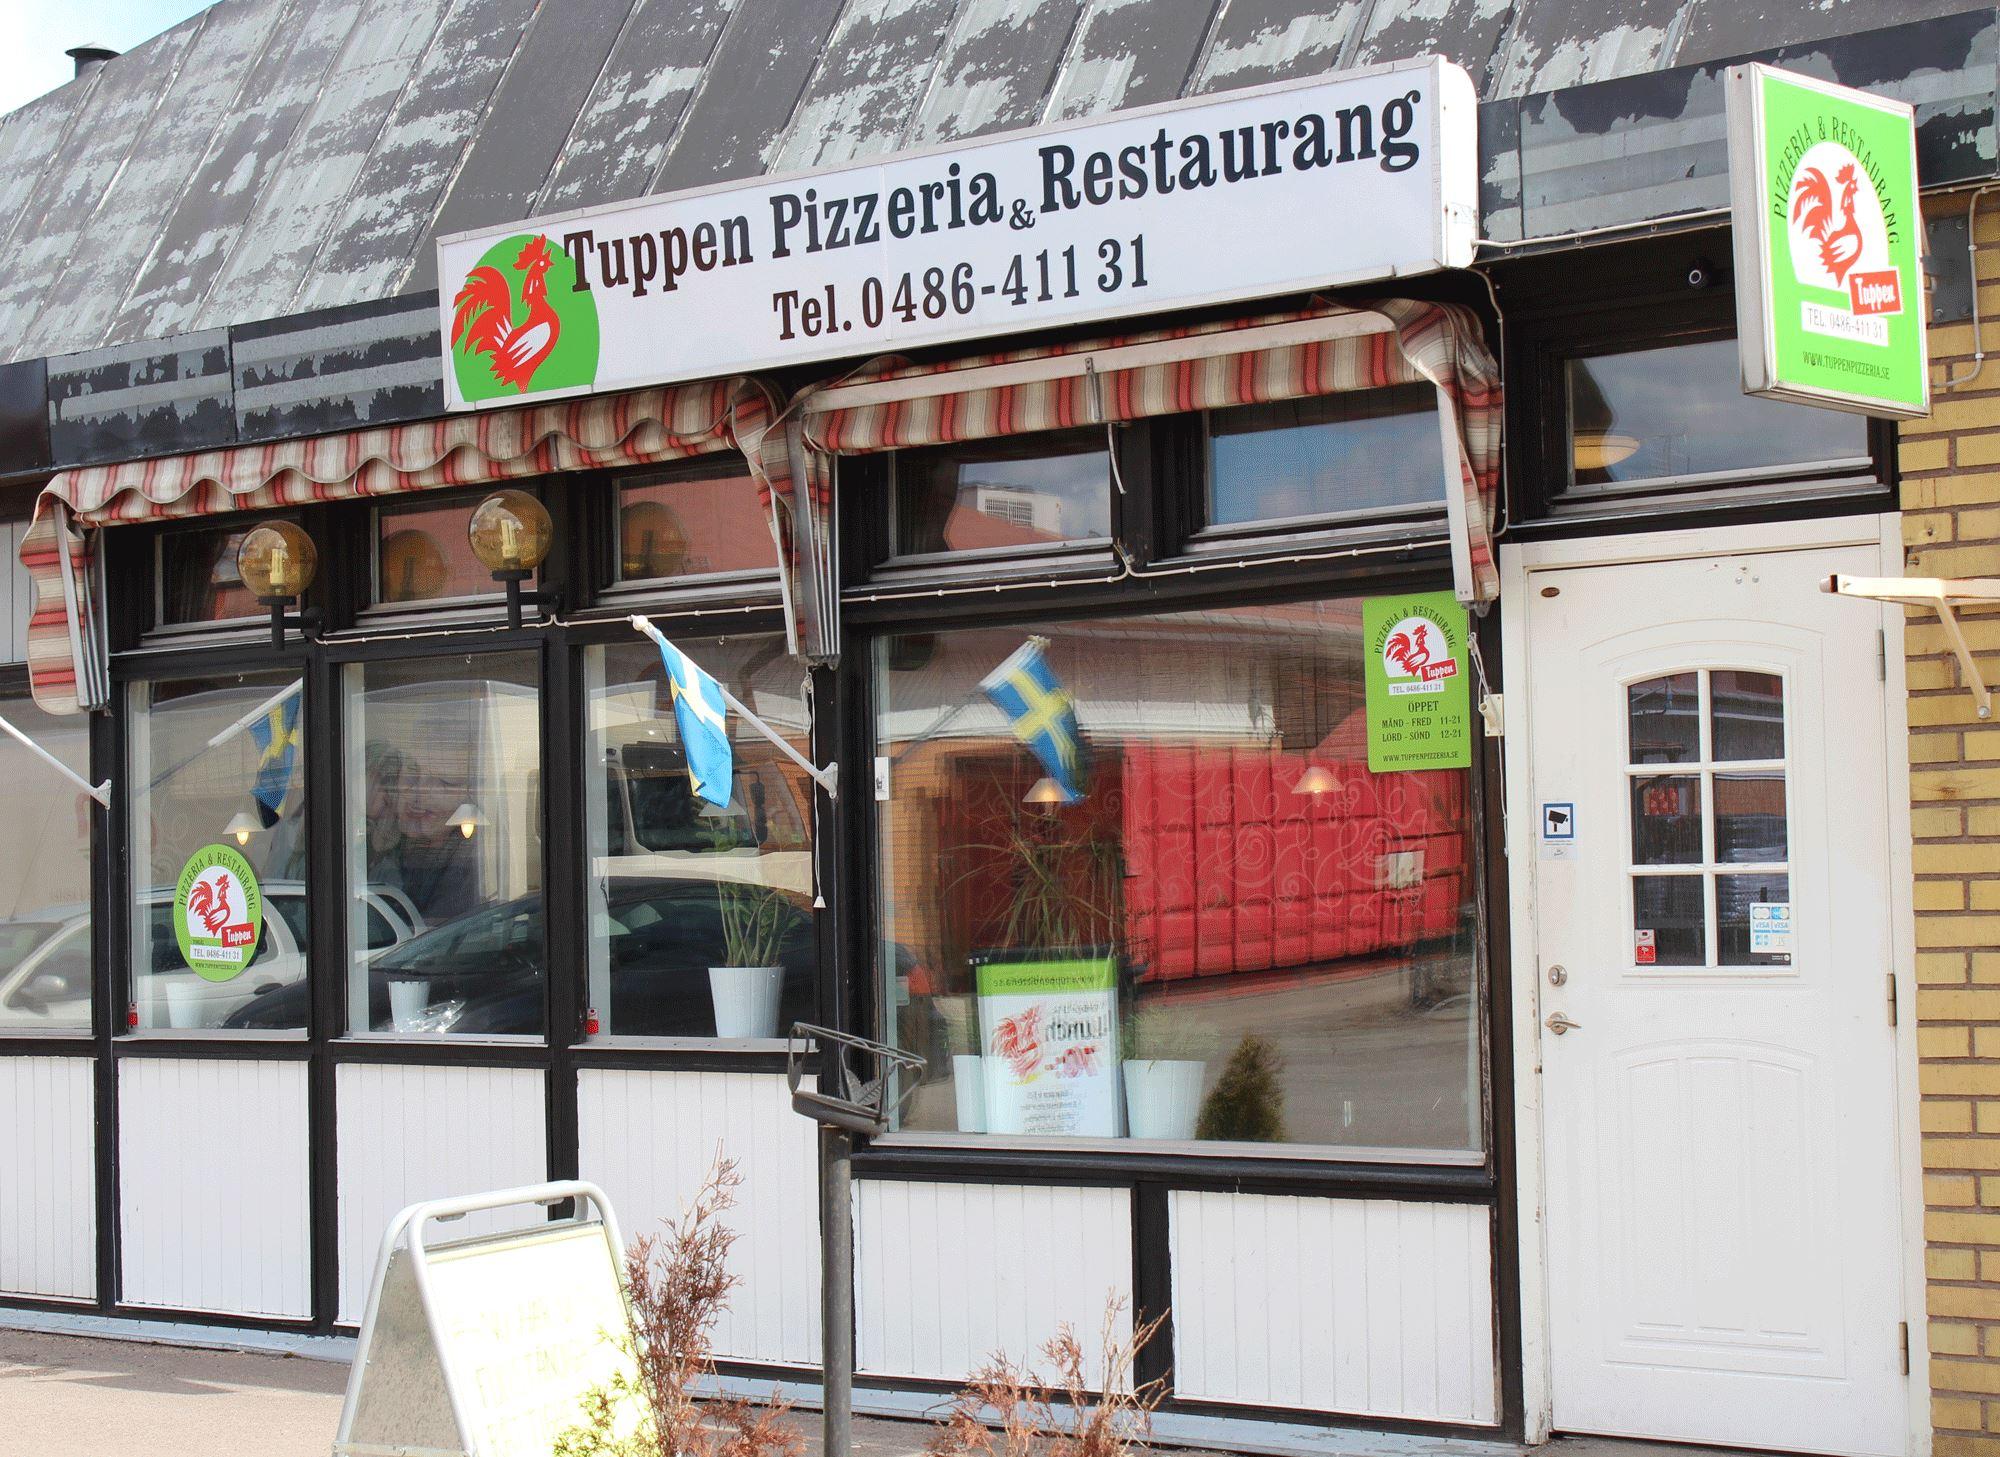 Tuppen restaurang och pizzeria